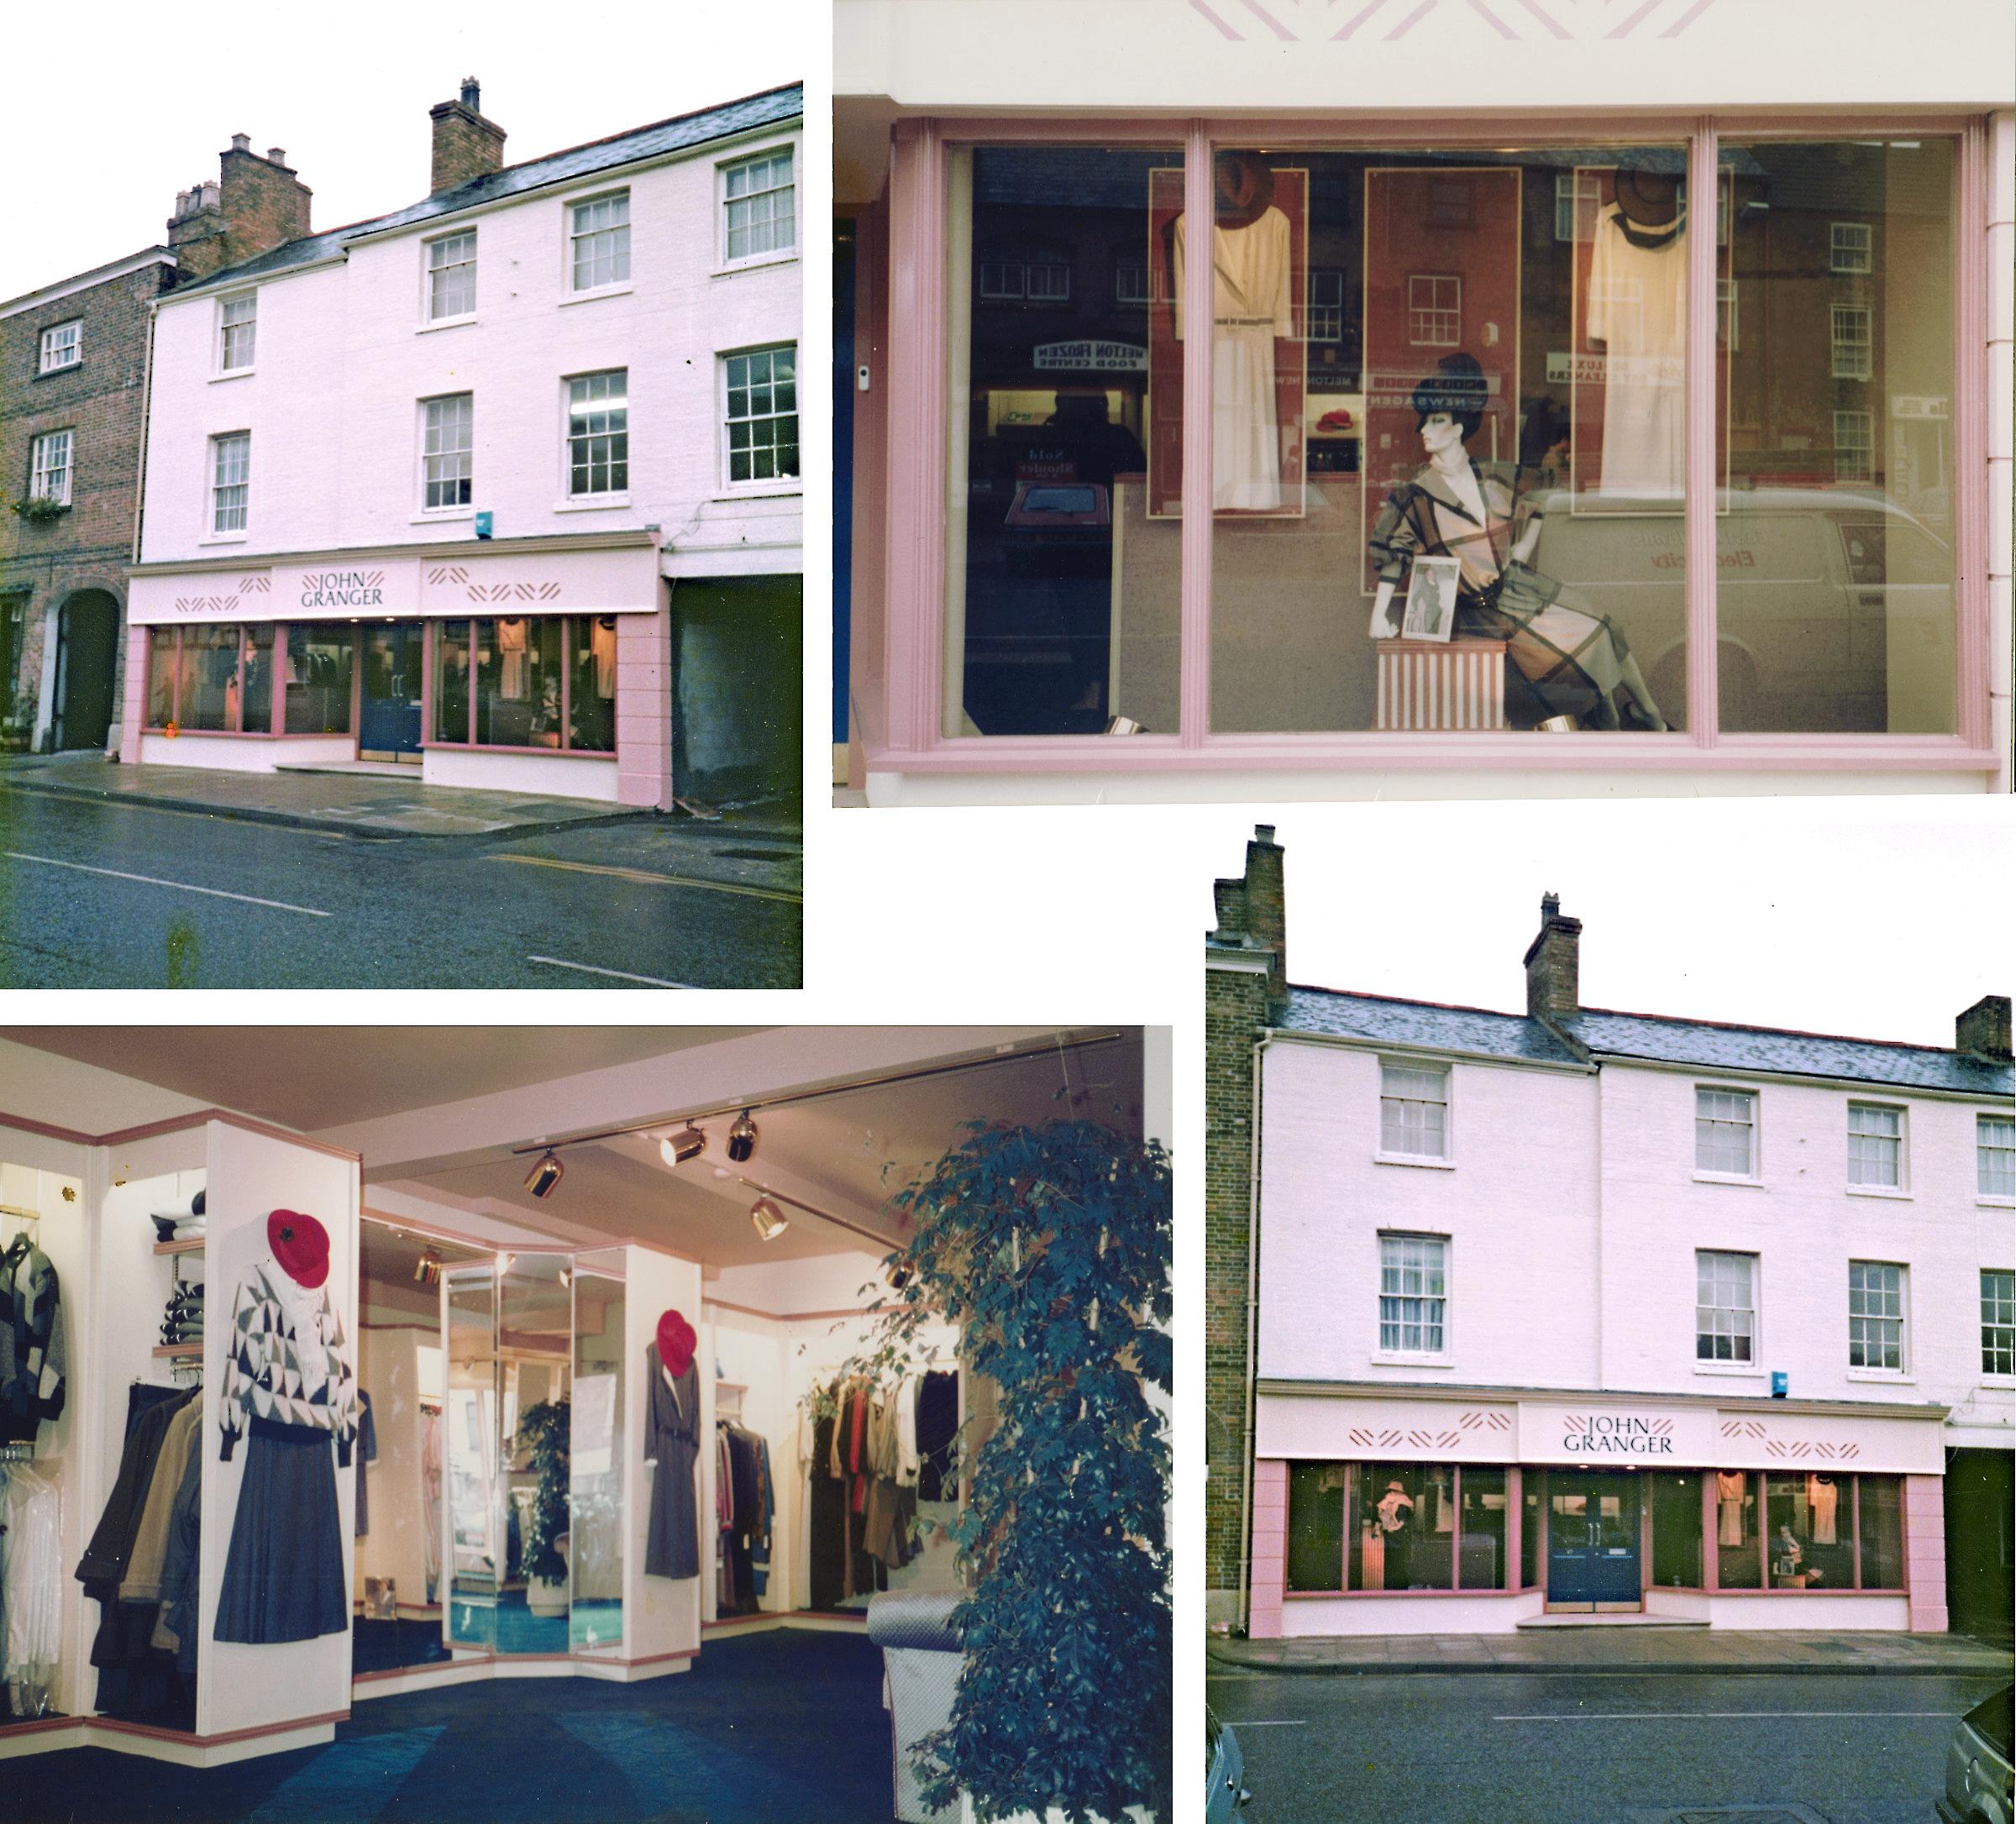 John Granger Melton Shop.jpg